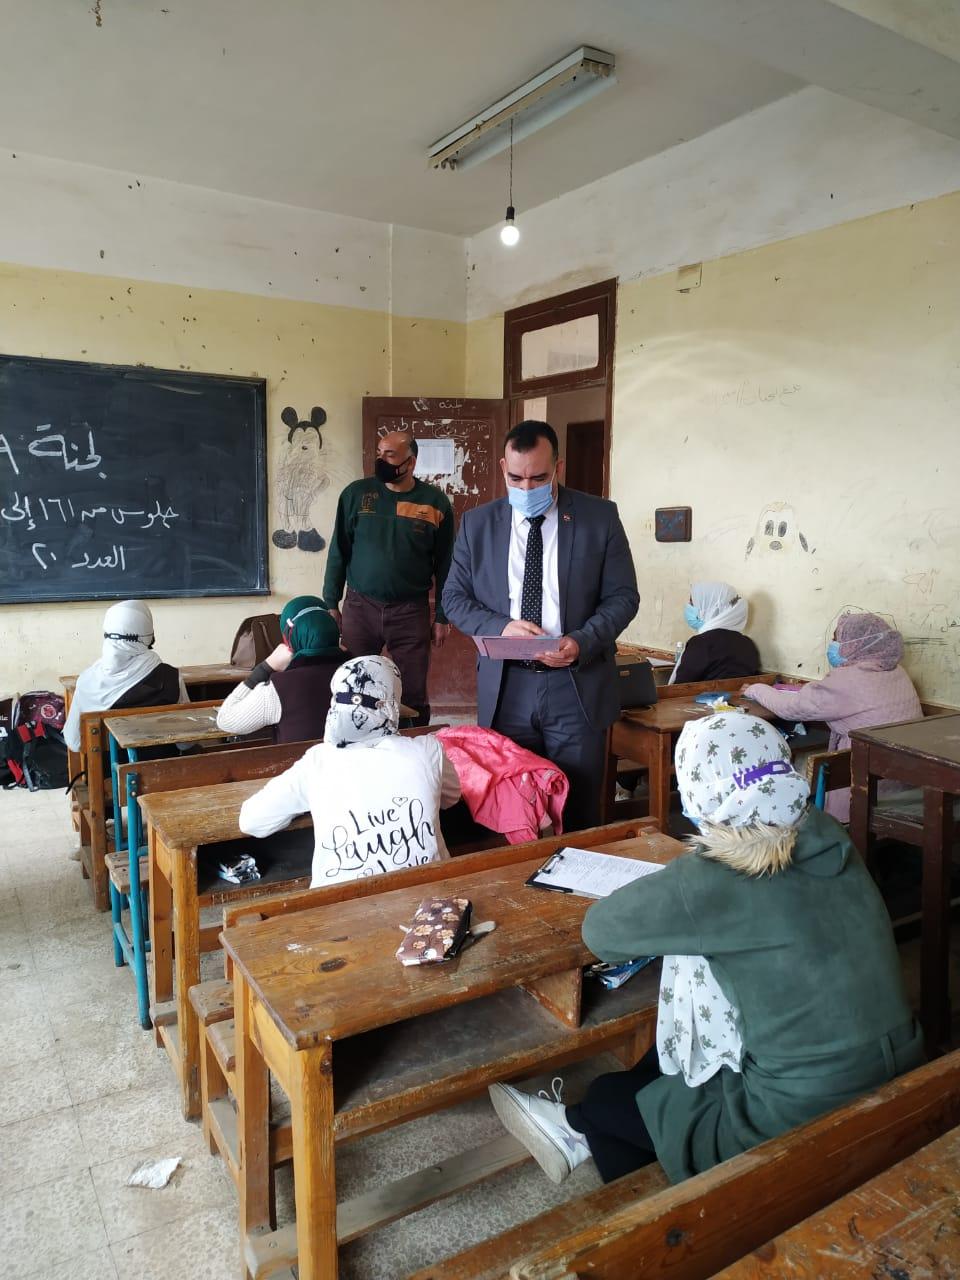 مدير تعليم المنوفية  يتابع انتظام سير امتحانات النقل للصف الاول الإعدادي والأول الثانوي